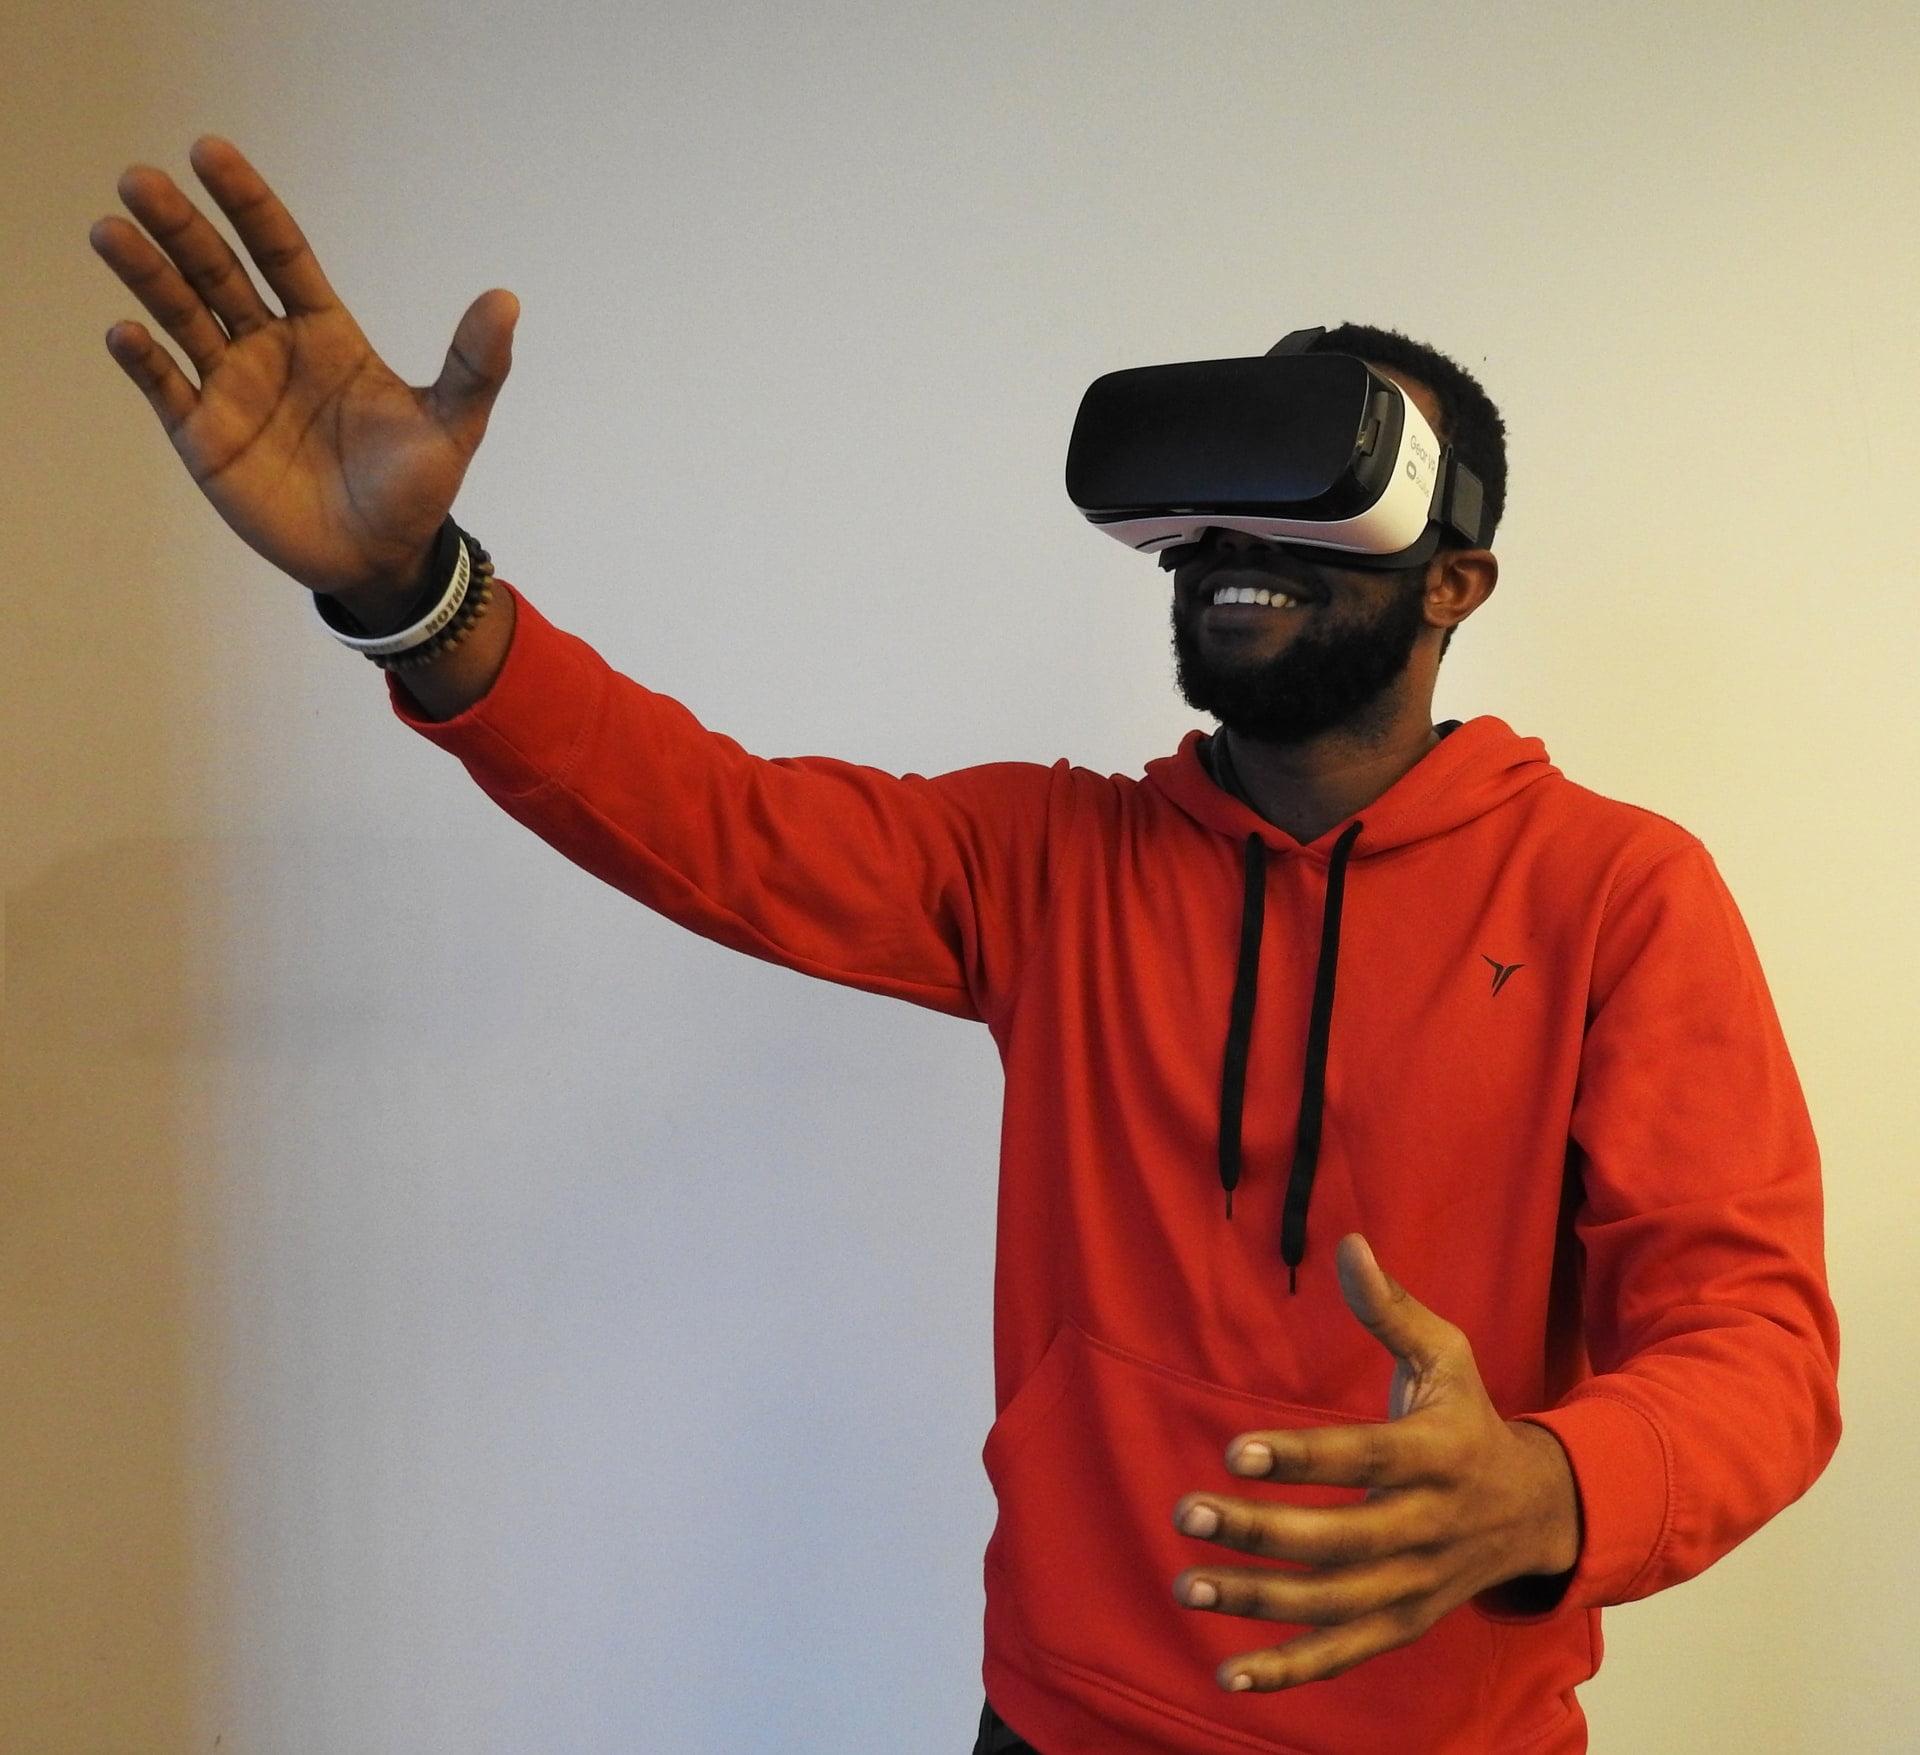 VR віртуальна реальність Джерело: Hammer & Tusk/Unsplash